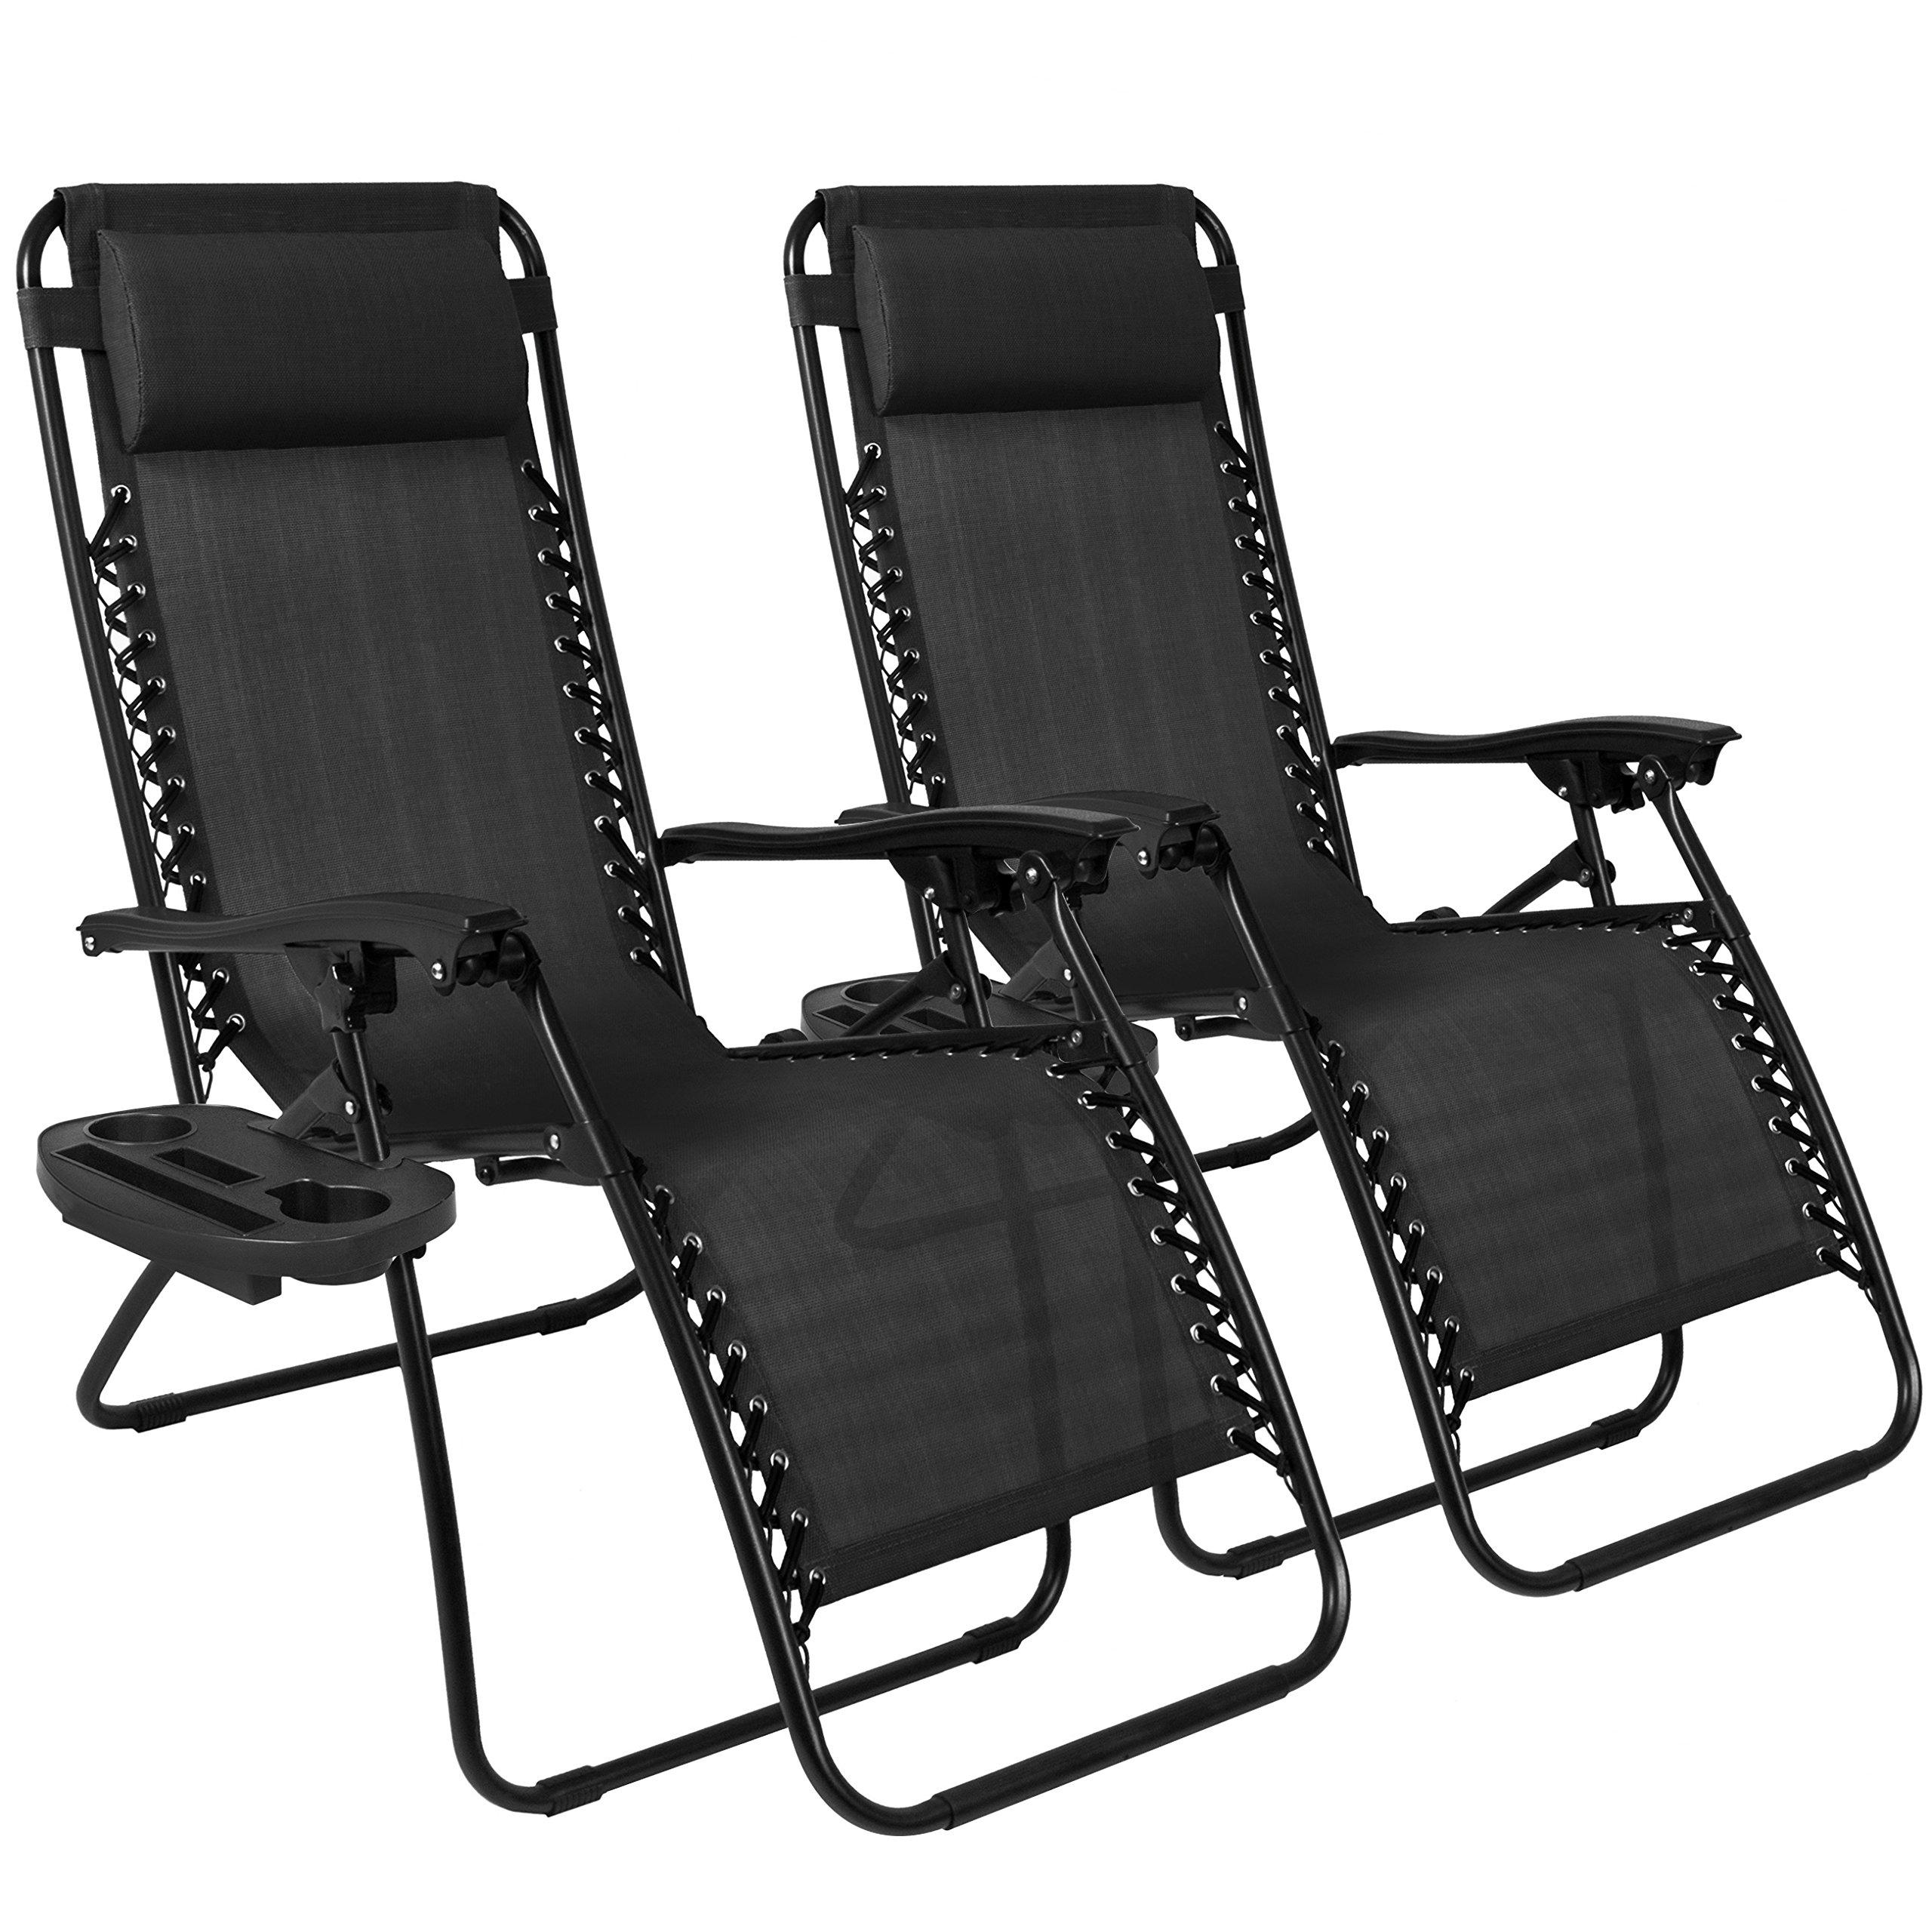 long backyard lounge of patio inspirational chairs free sofa recliner chair fresh